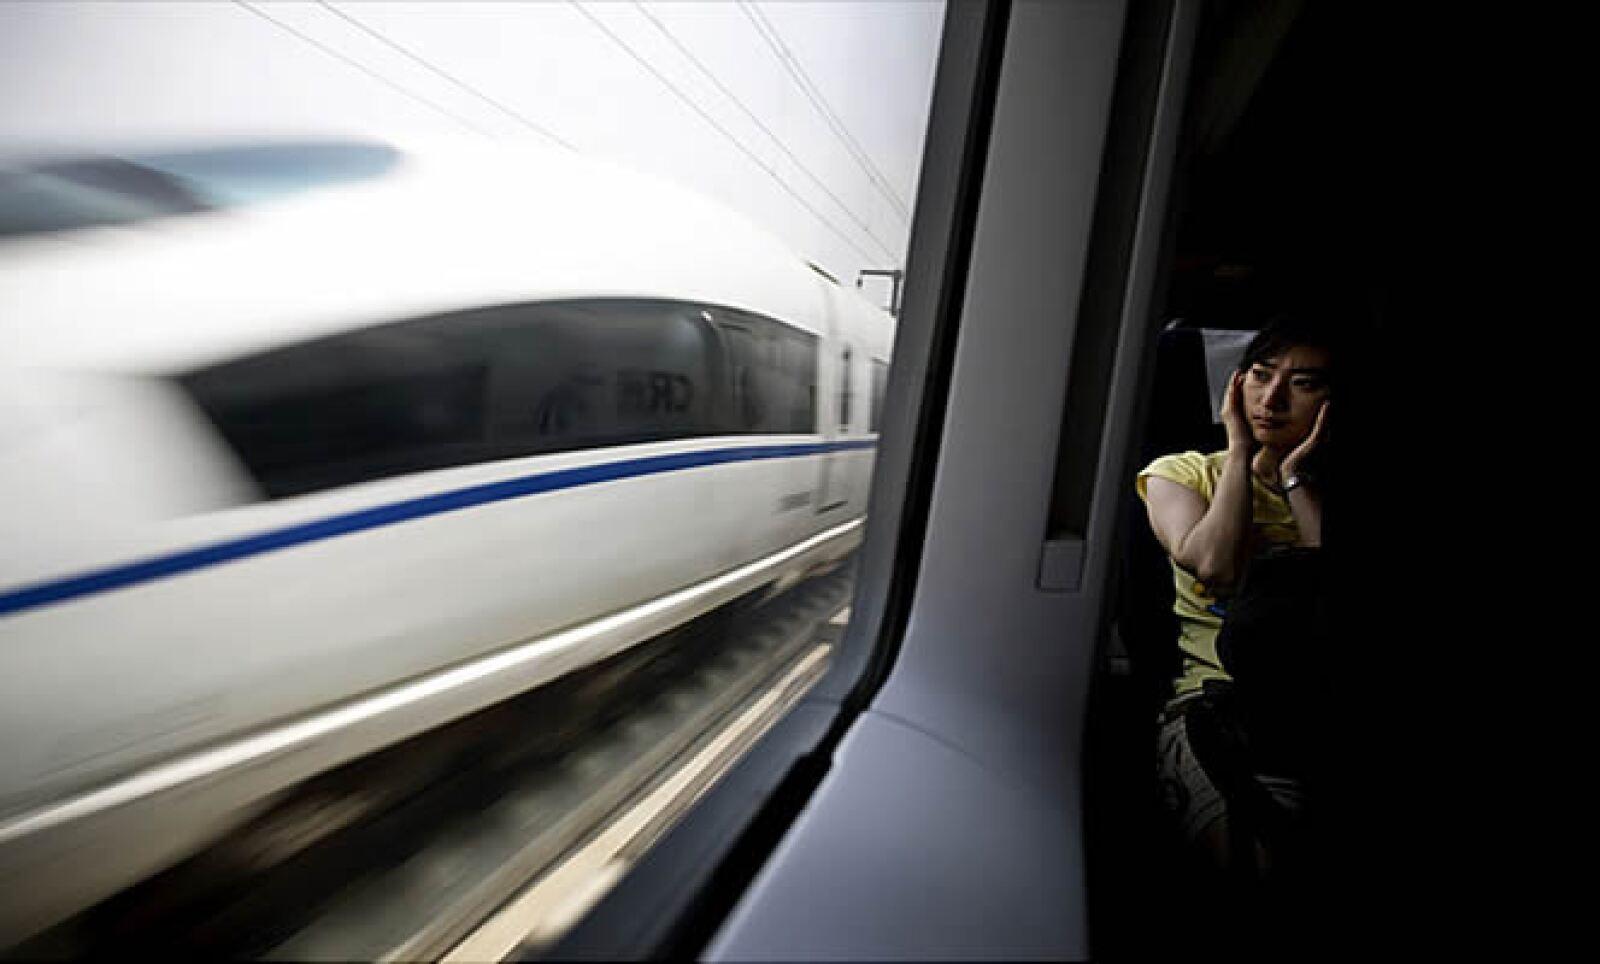 La gente solía mirar por las ventanas en un trayecto de más de 2 horas, hoy esa distancia se recorre en casi media hora.